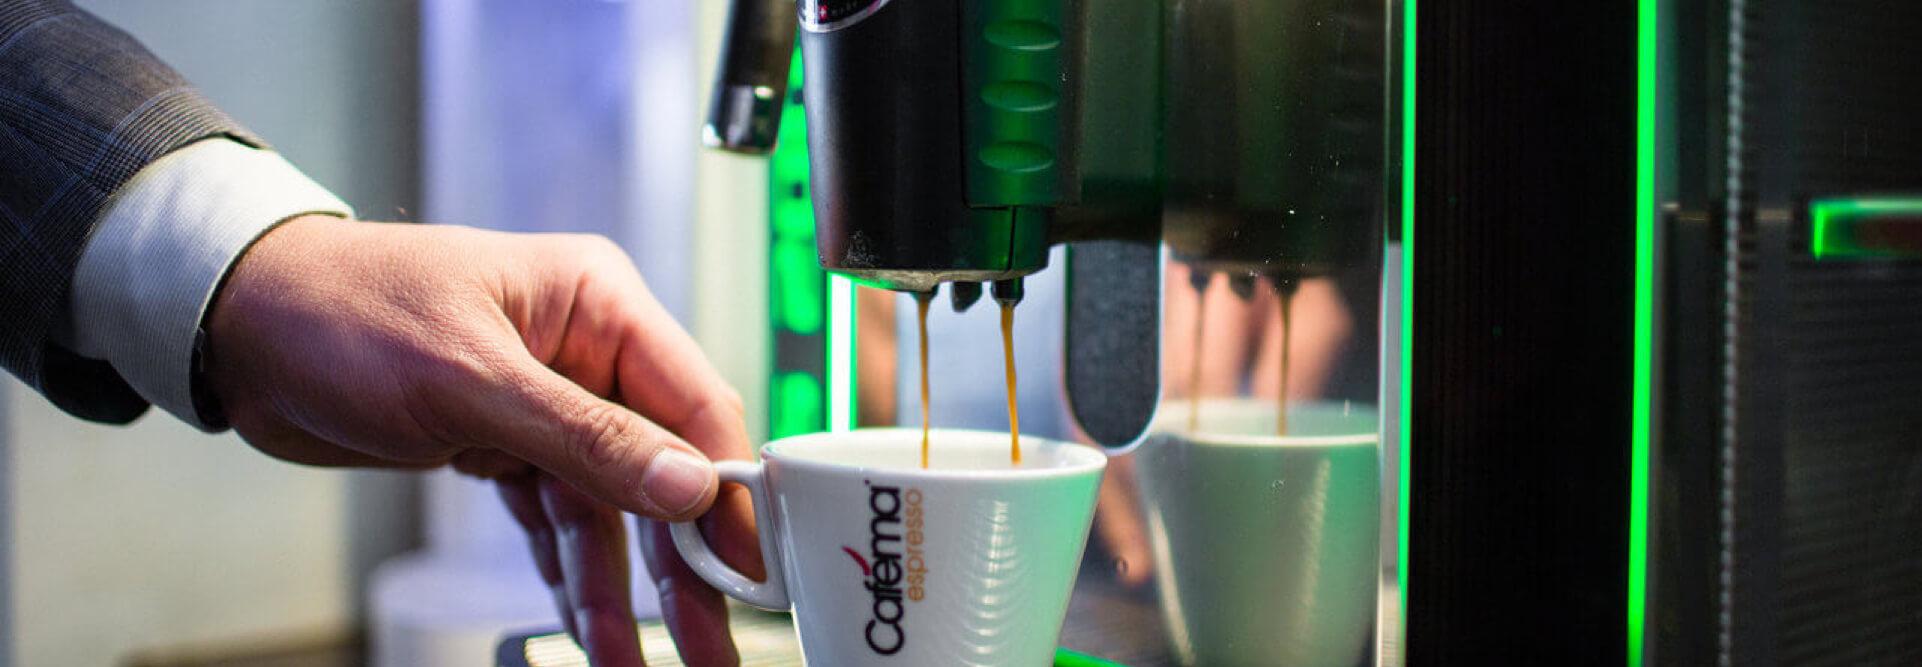 Cafema_koffie_op_het_werk (header).jpg